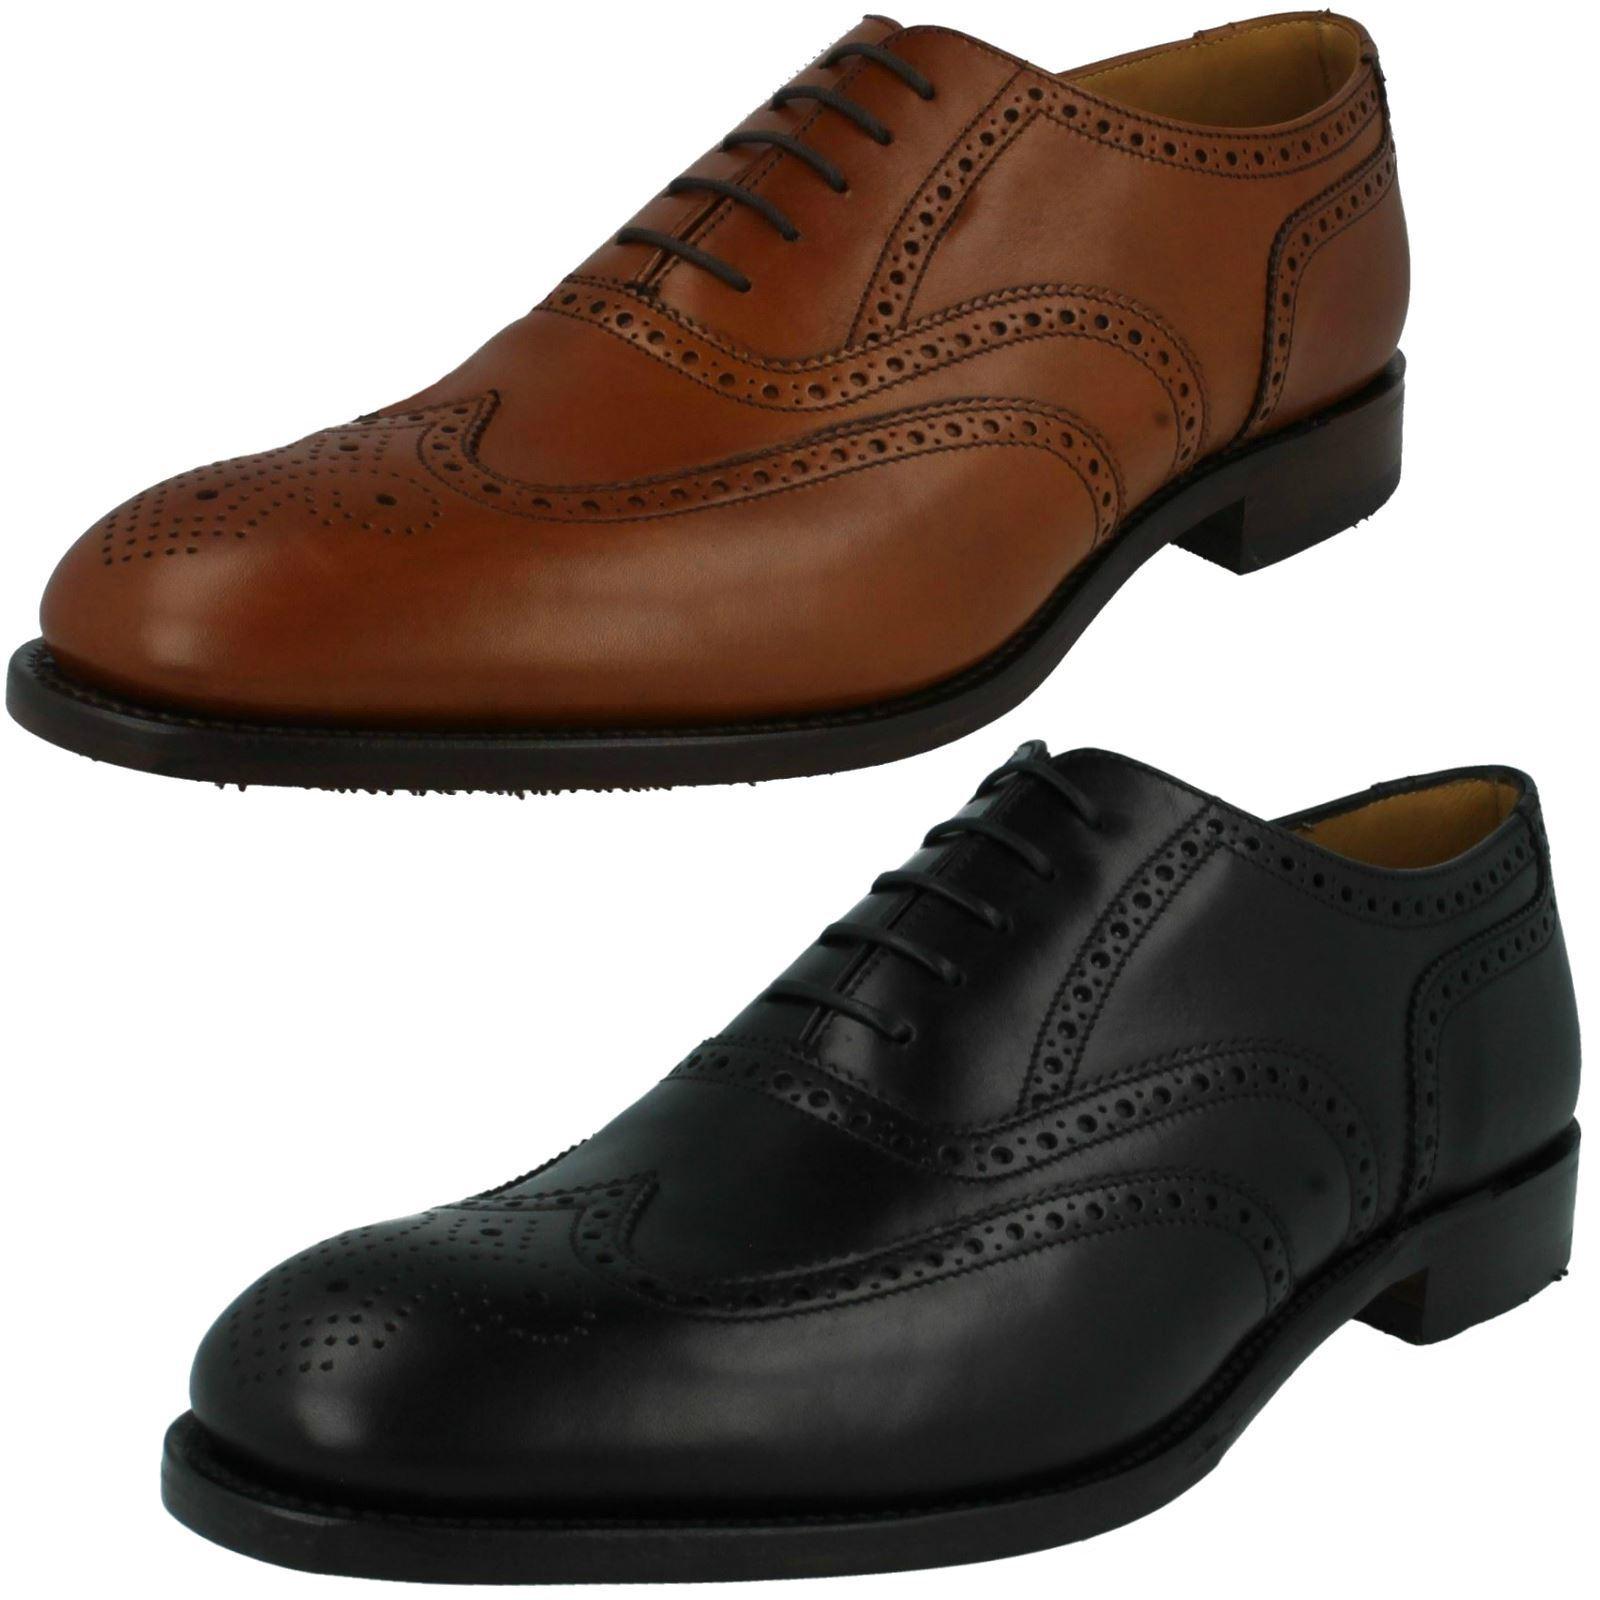 Descuento de la marca Para Hombre Loake Brogue De Cuero Con Cordones' ' Zapatos Severn 2